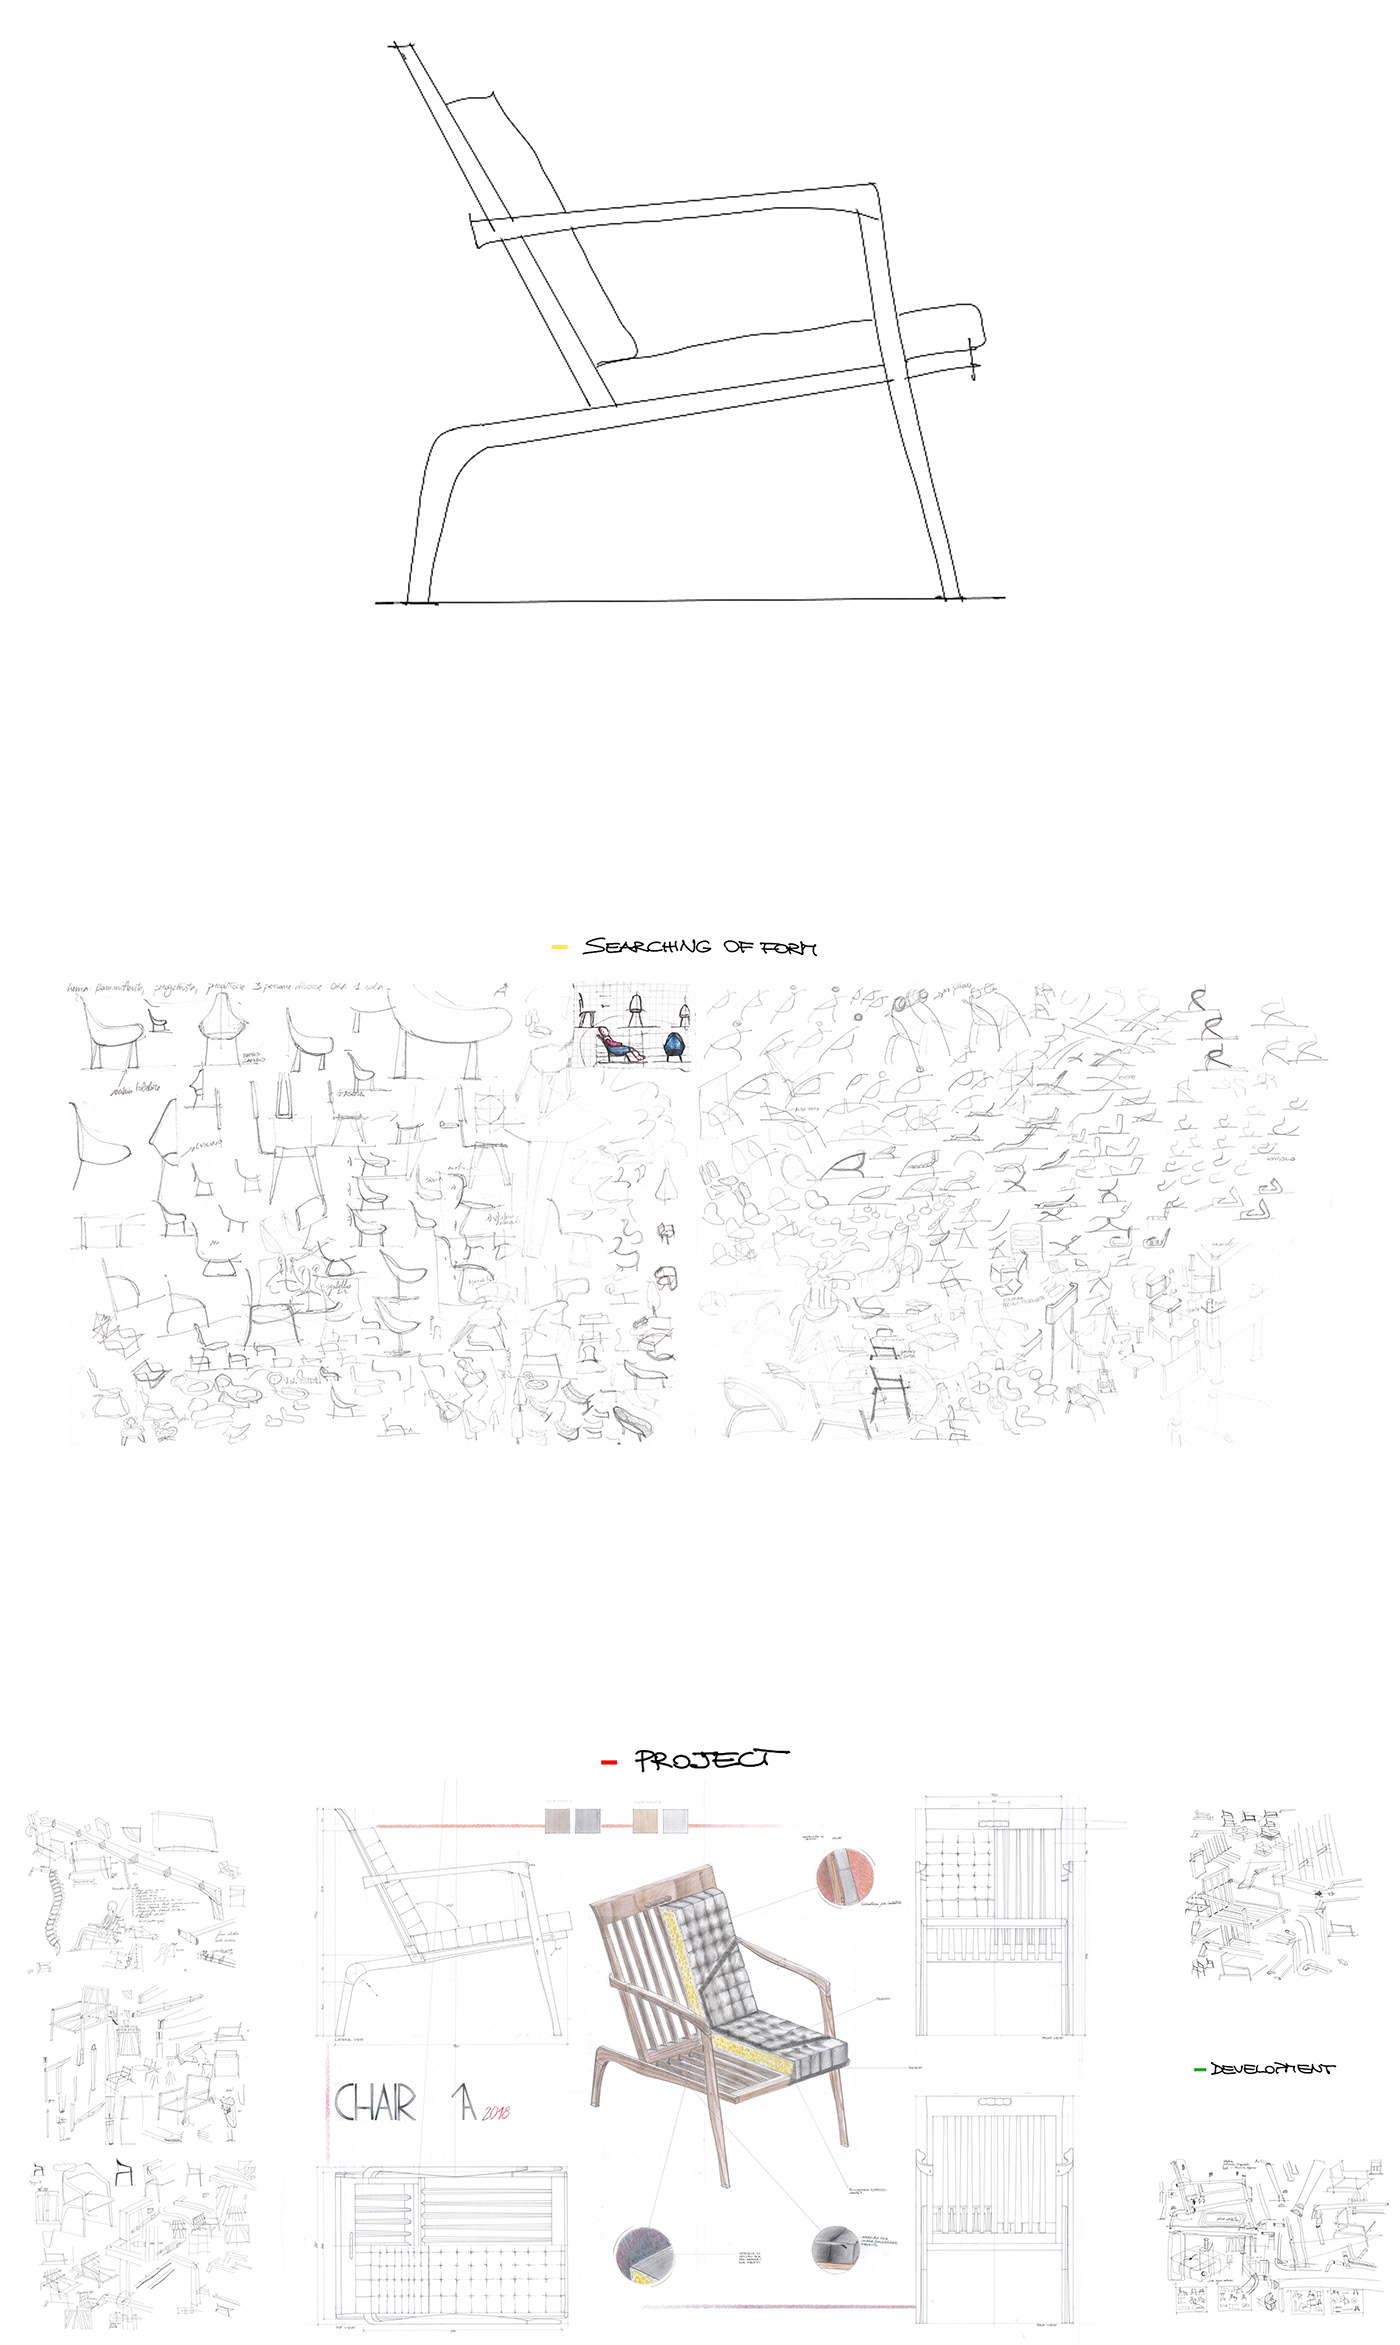 優質的28個椅子設計欣賞